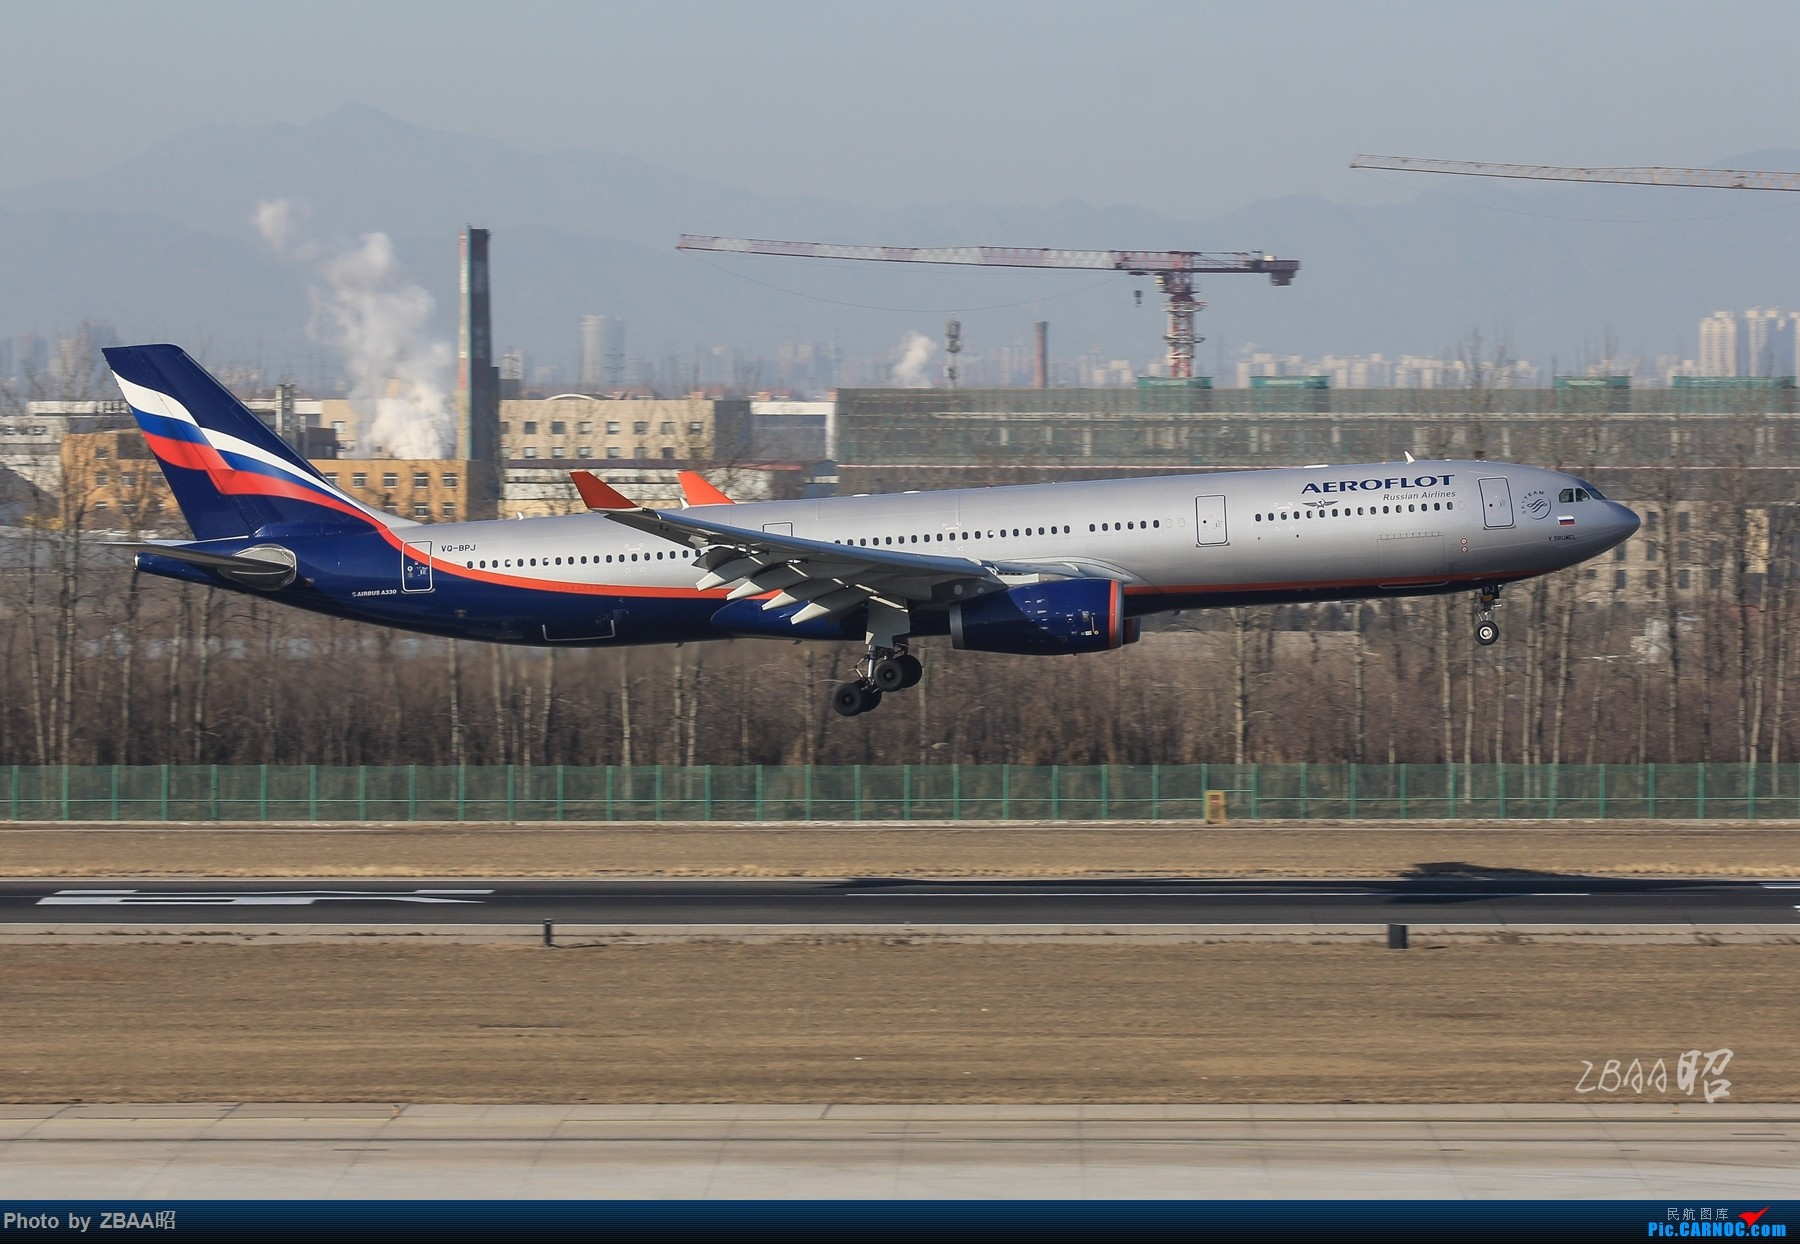 Re:[原创]飞友聚会后的独自疯狂,格林豪泰隔天怒打ZBAA 36L跑道,夜拍海航宽体机,寒风中坚守楼顶阵地 AIRBUS A330-300 VQ-BPJ 中国北京首都国际机场